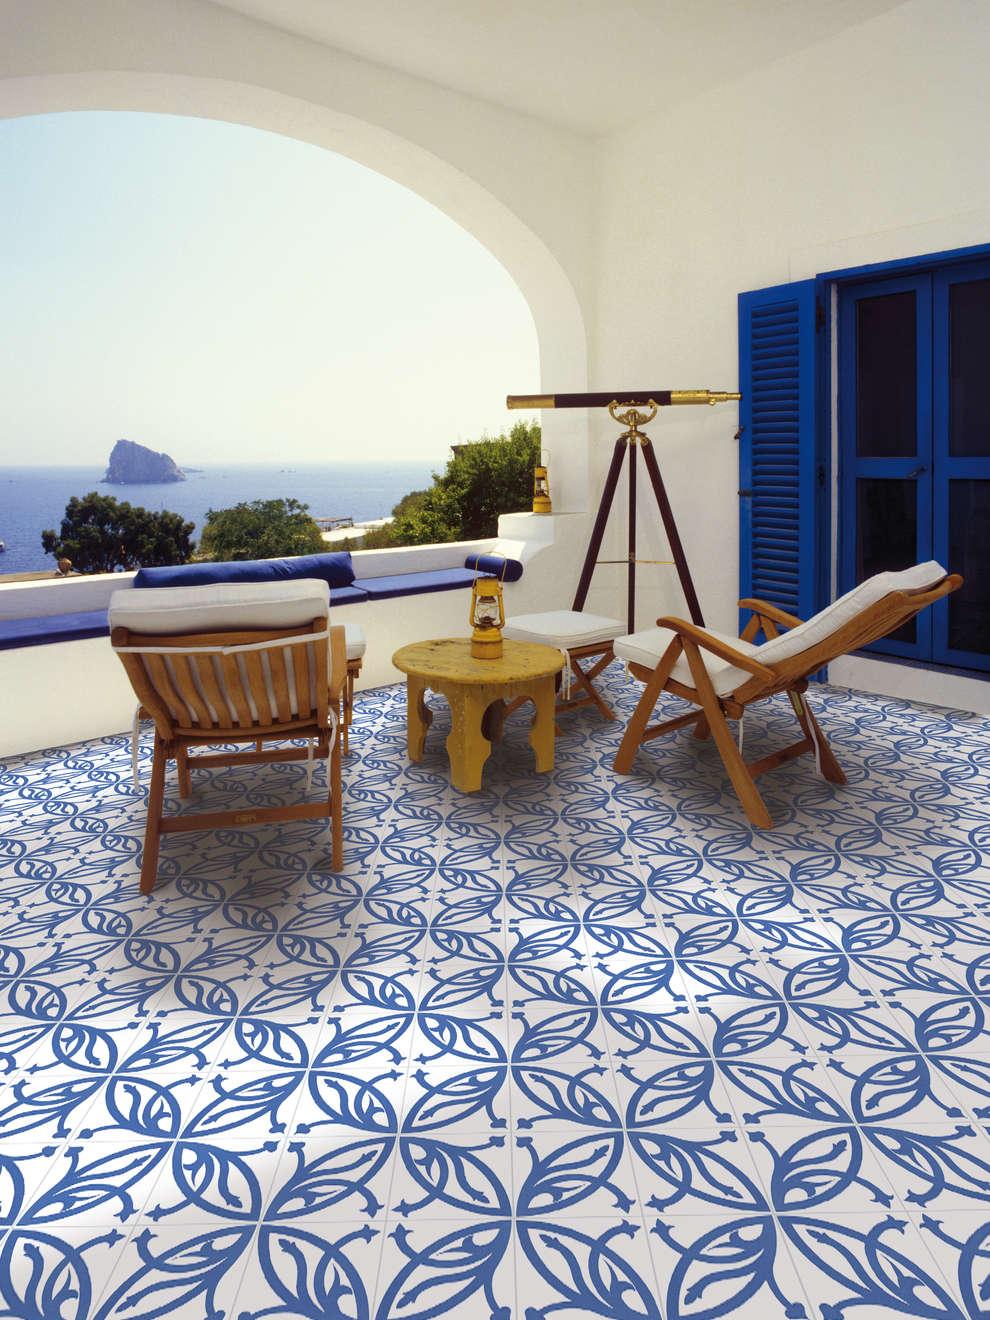 9 pisos para tu patio demasiado bellos para ser reales - Azulejos de terraza ...